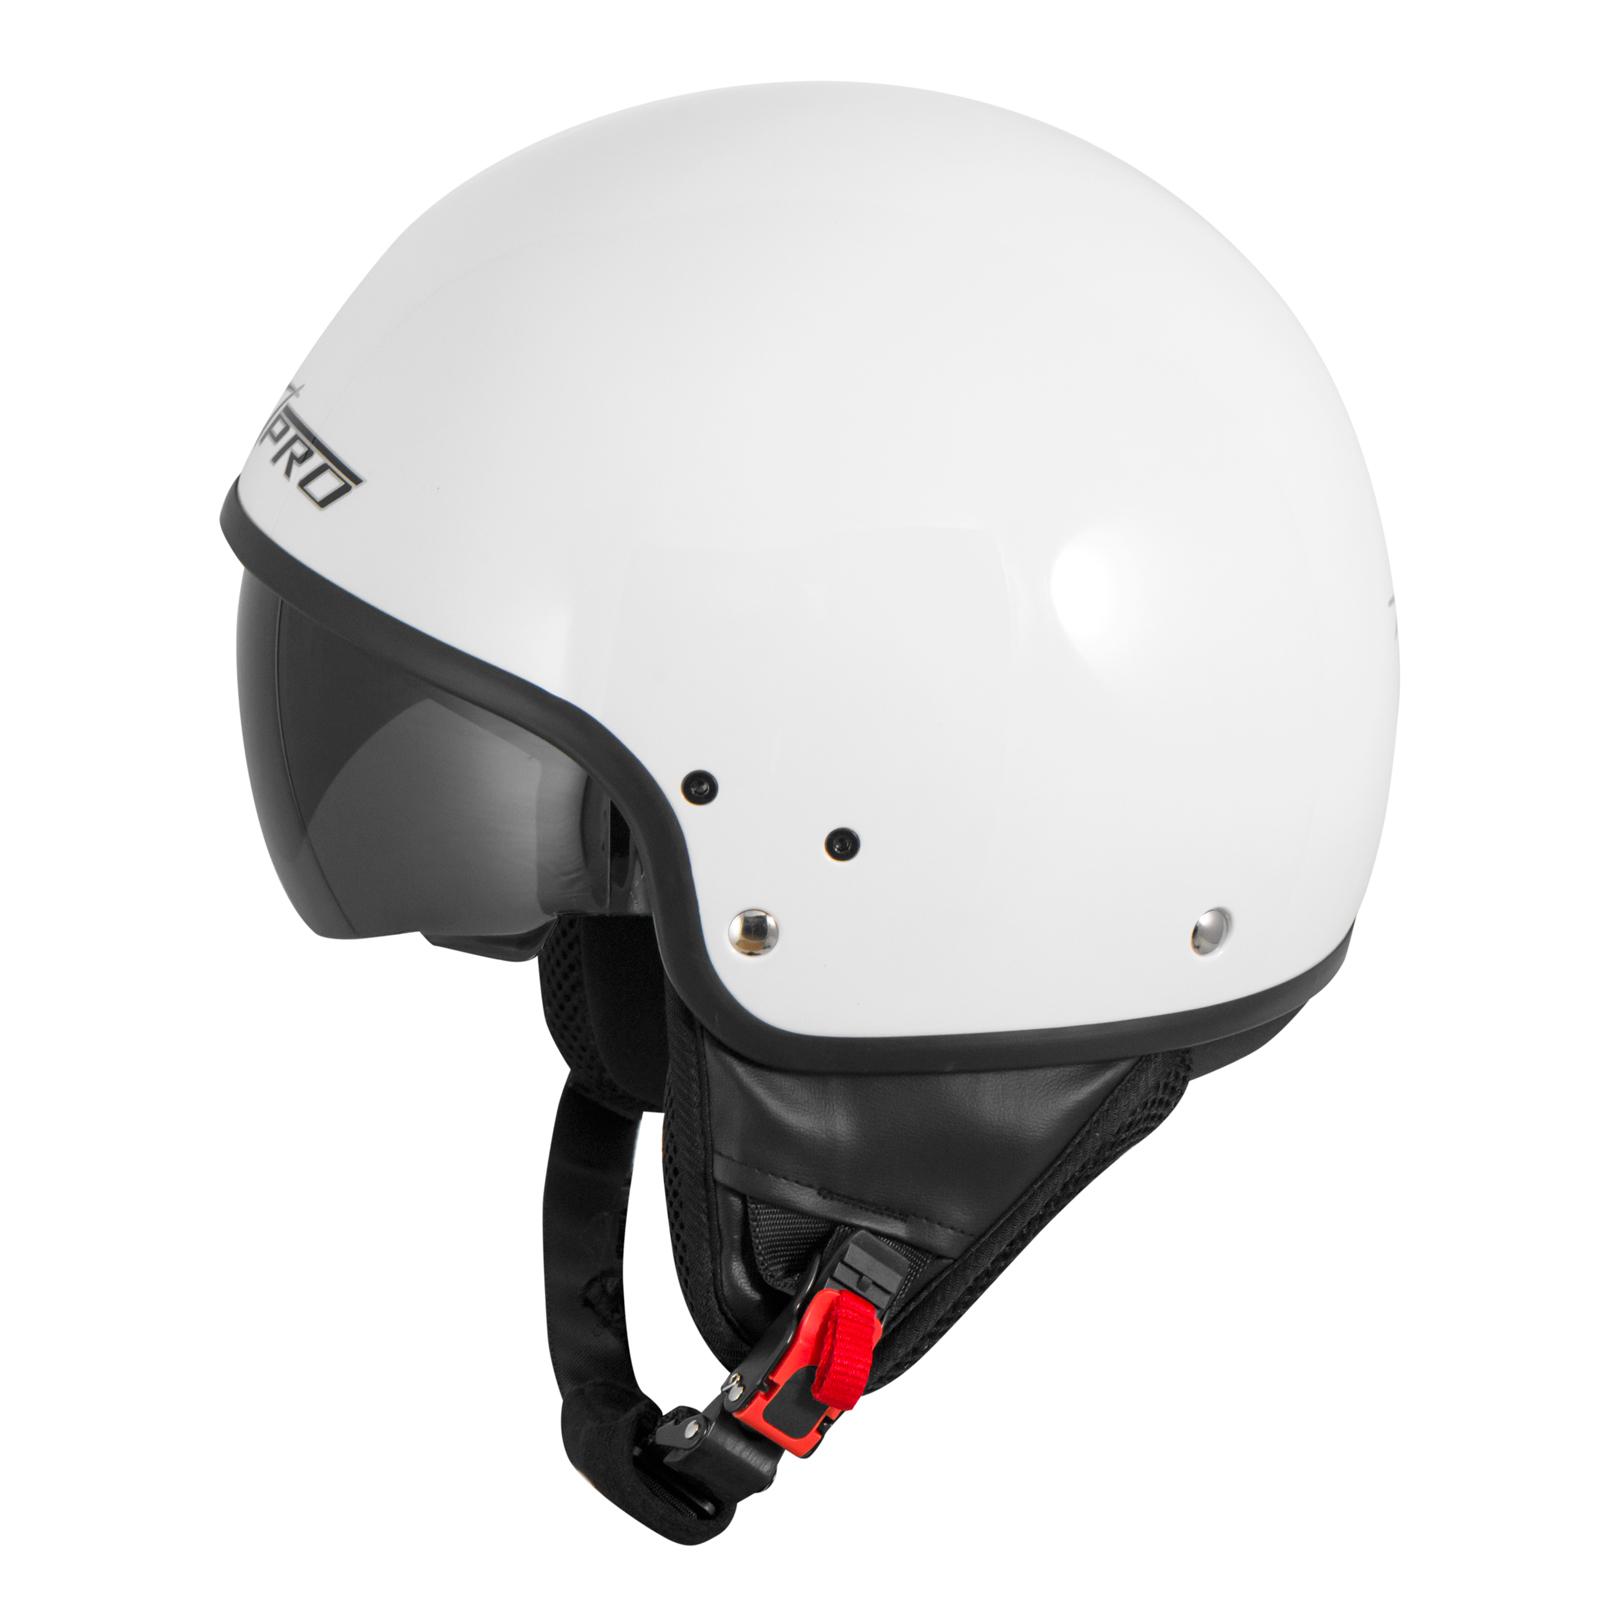 Casque-Moto-Scooter-Vespa-Jet-Visiere-pare-soleil-ECE-22-Blanc-SonicMoto miniature 22